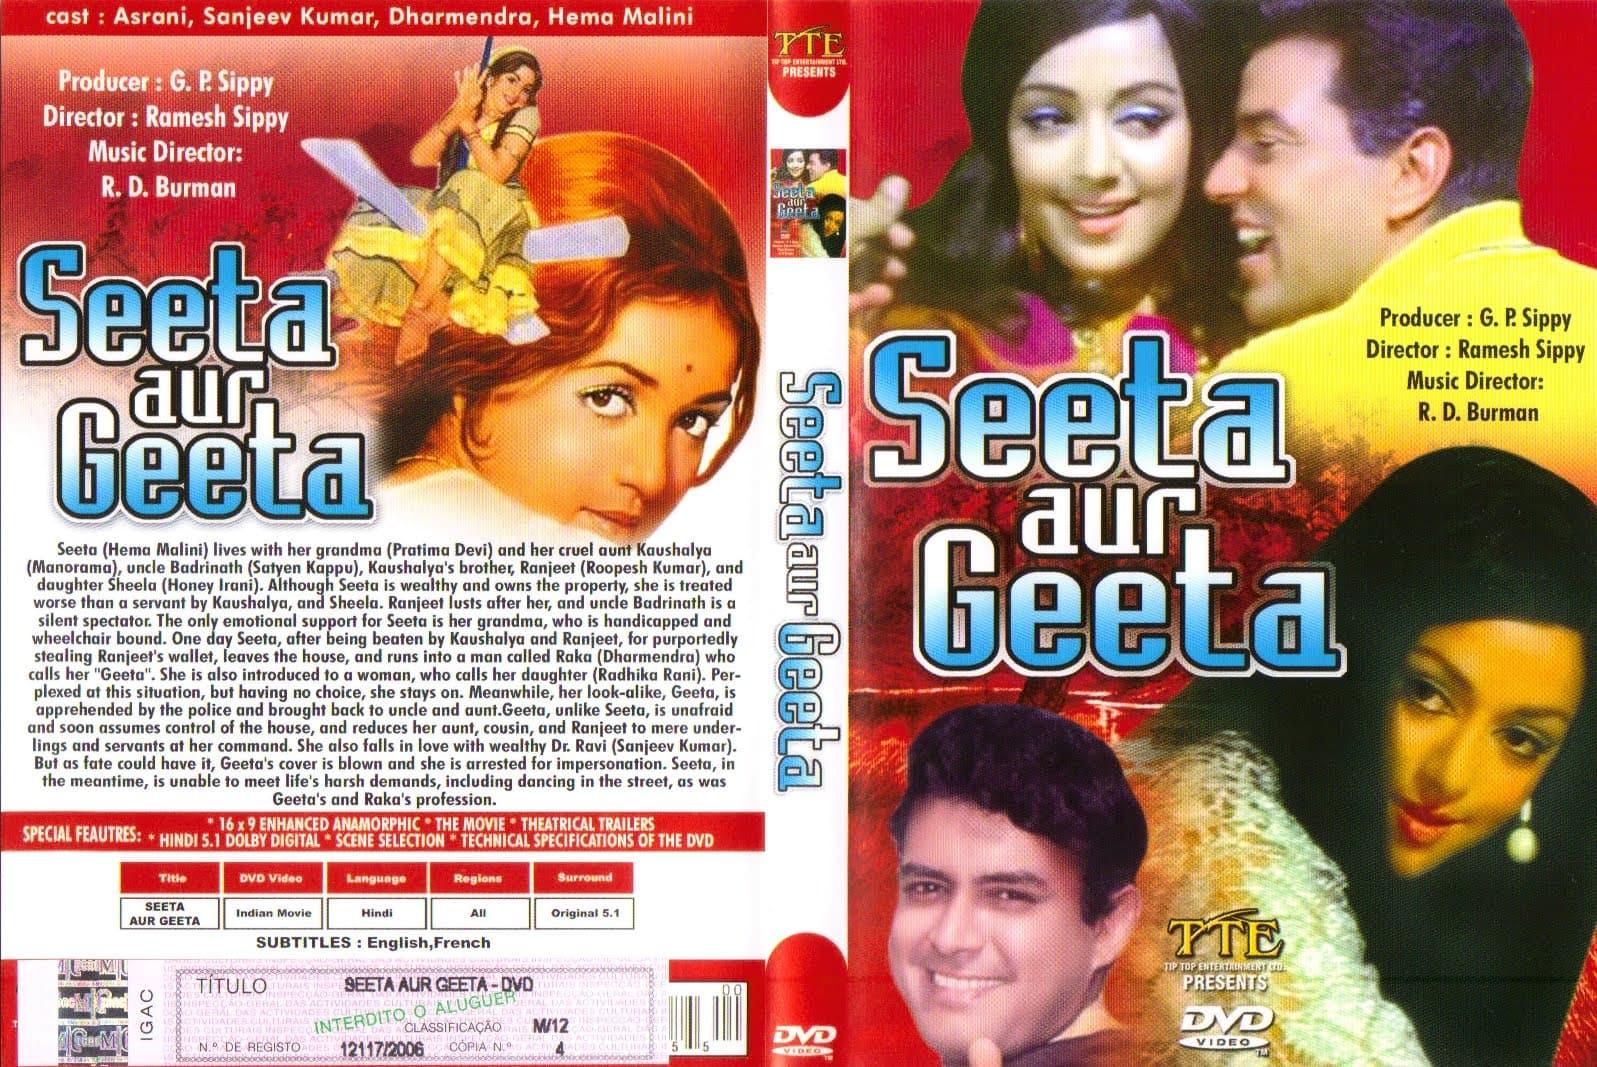 Seeta aur Geeta Photo 2 - 32400